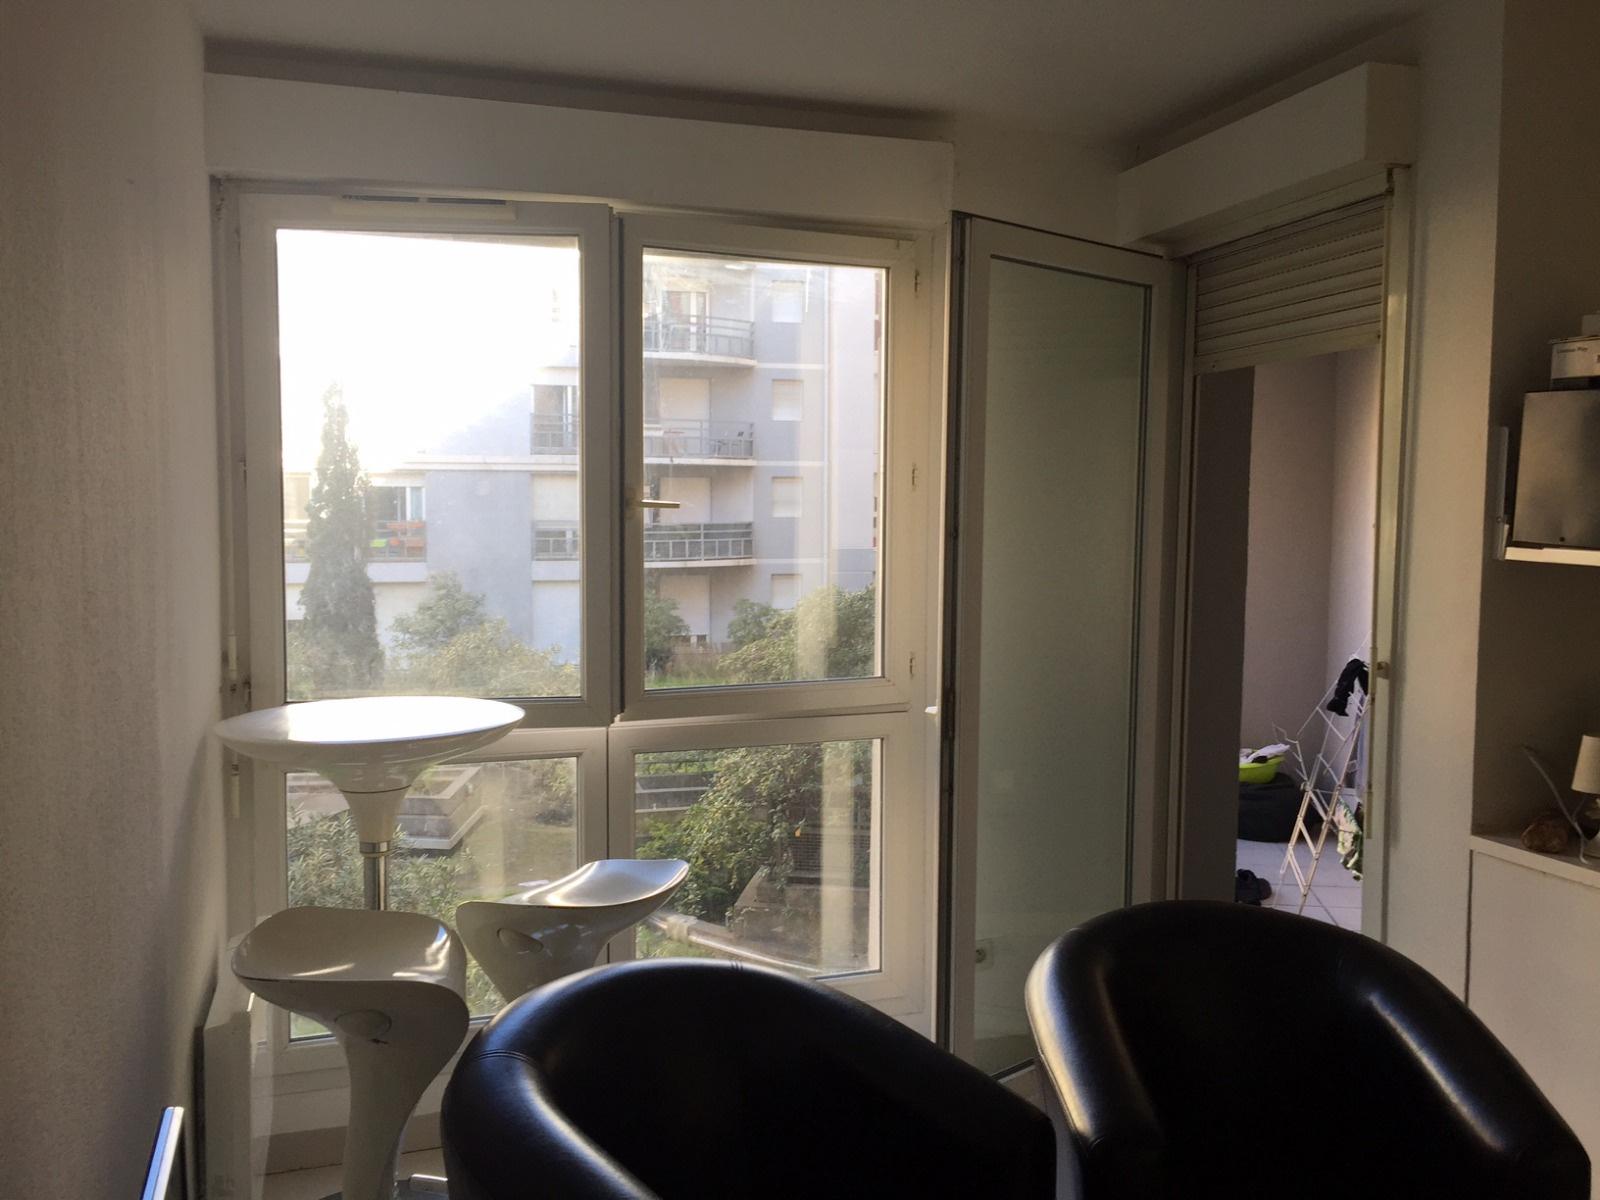 Location montpellier rives du lez t2 meubl avec balcon for Location meuble montpellier